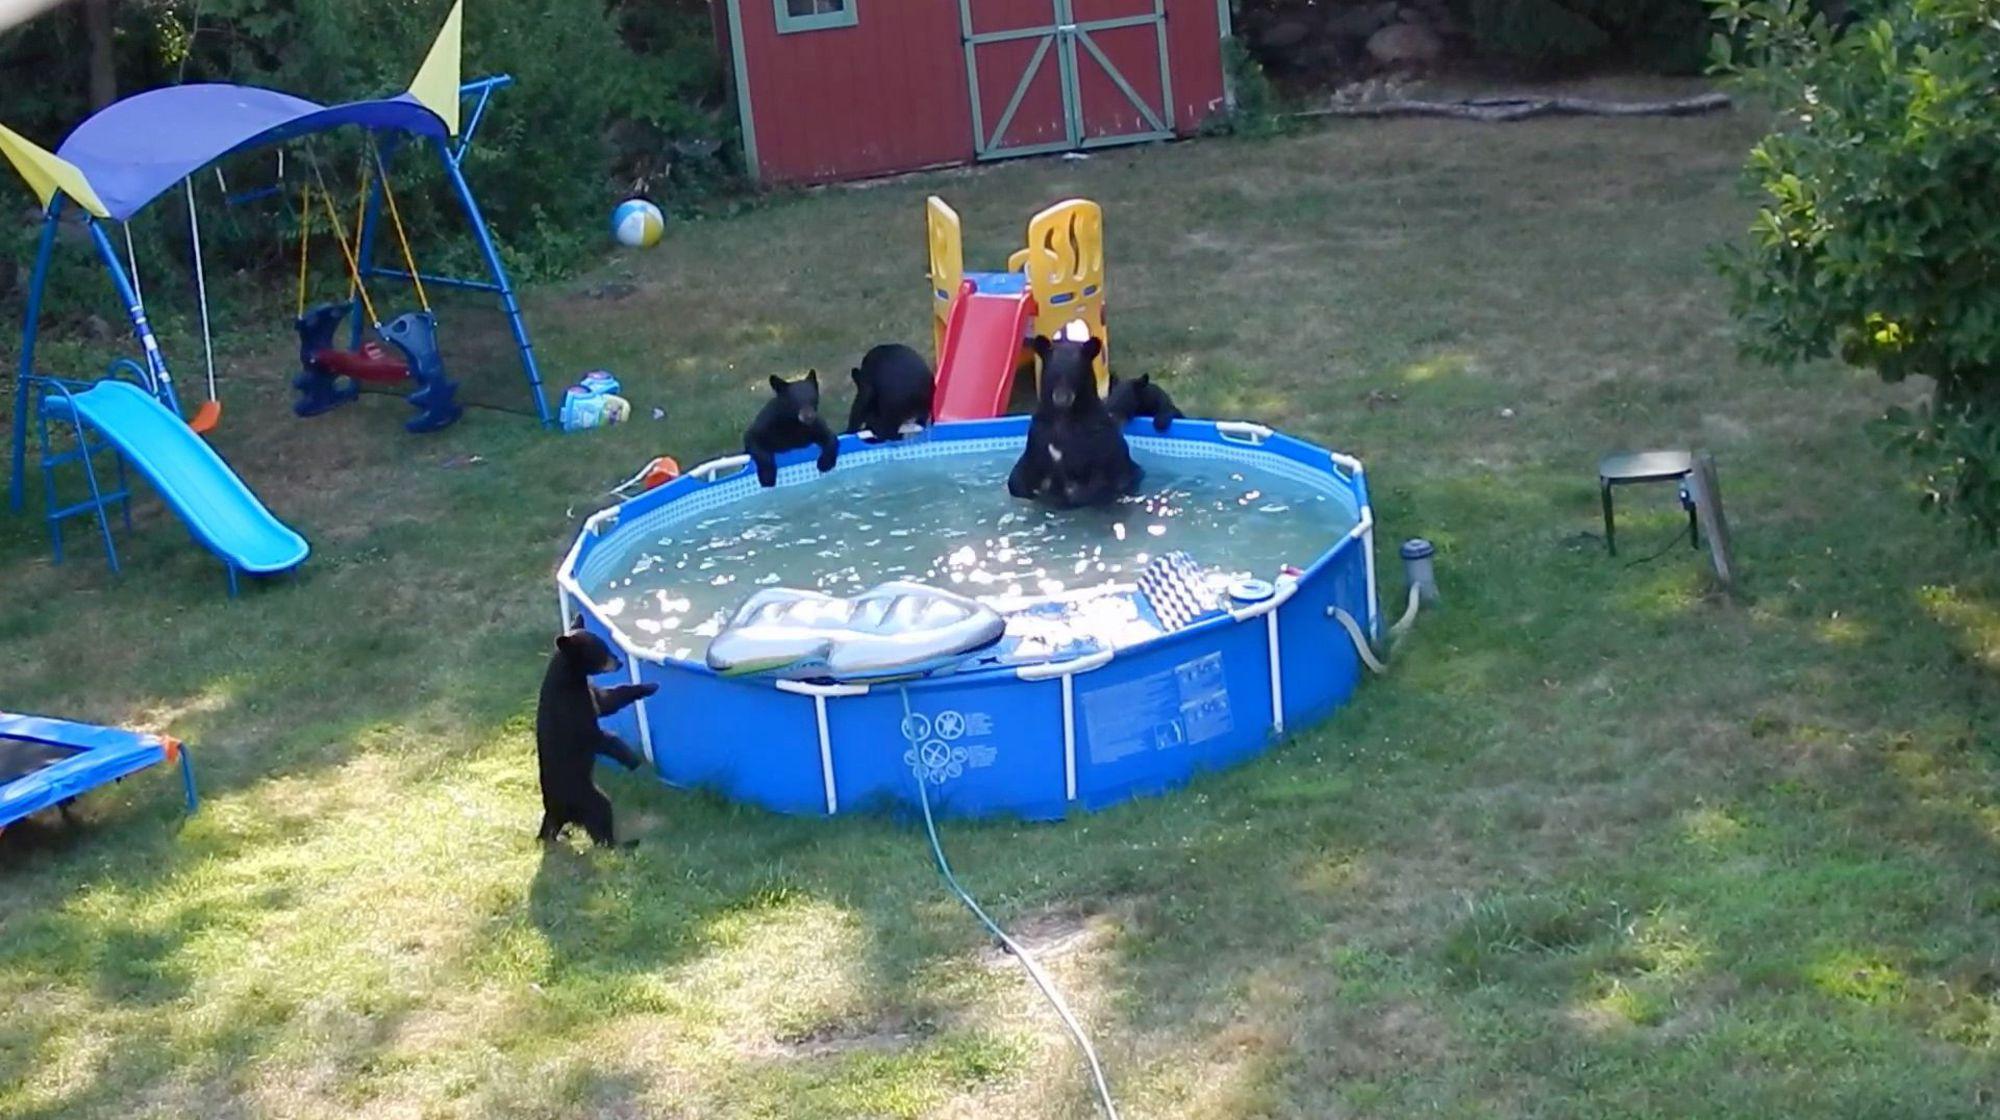 Une famille d'ours dans la piscine du jardin.